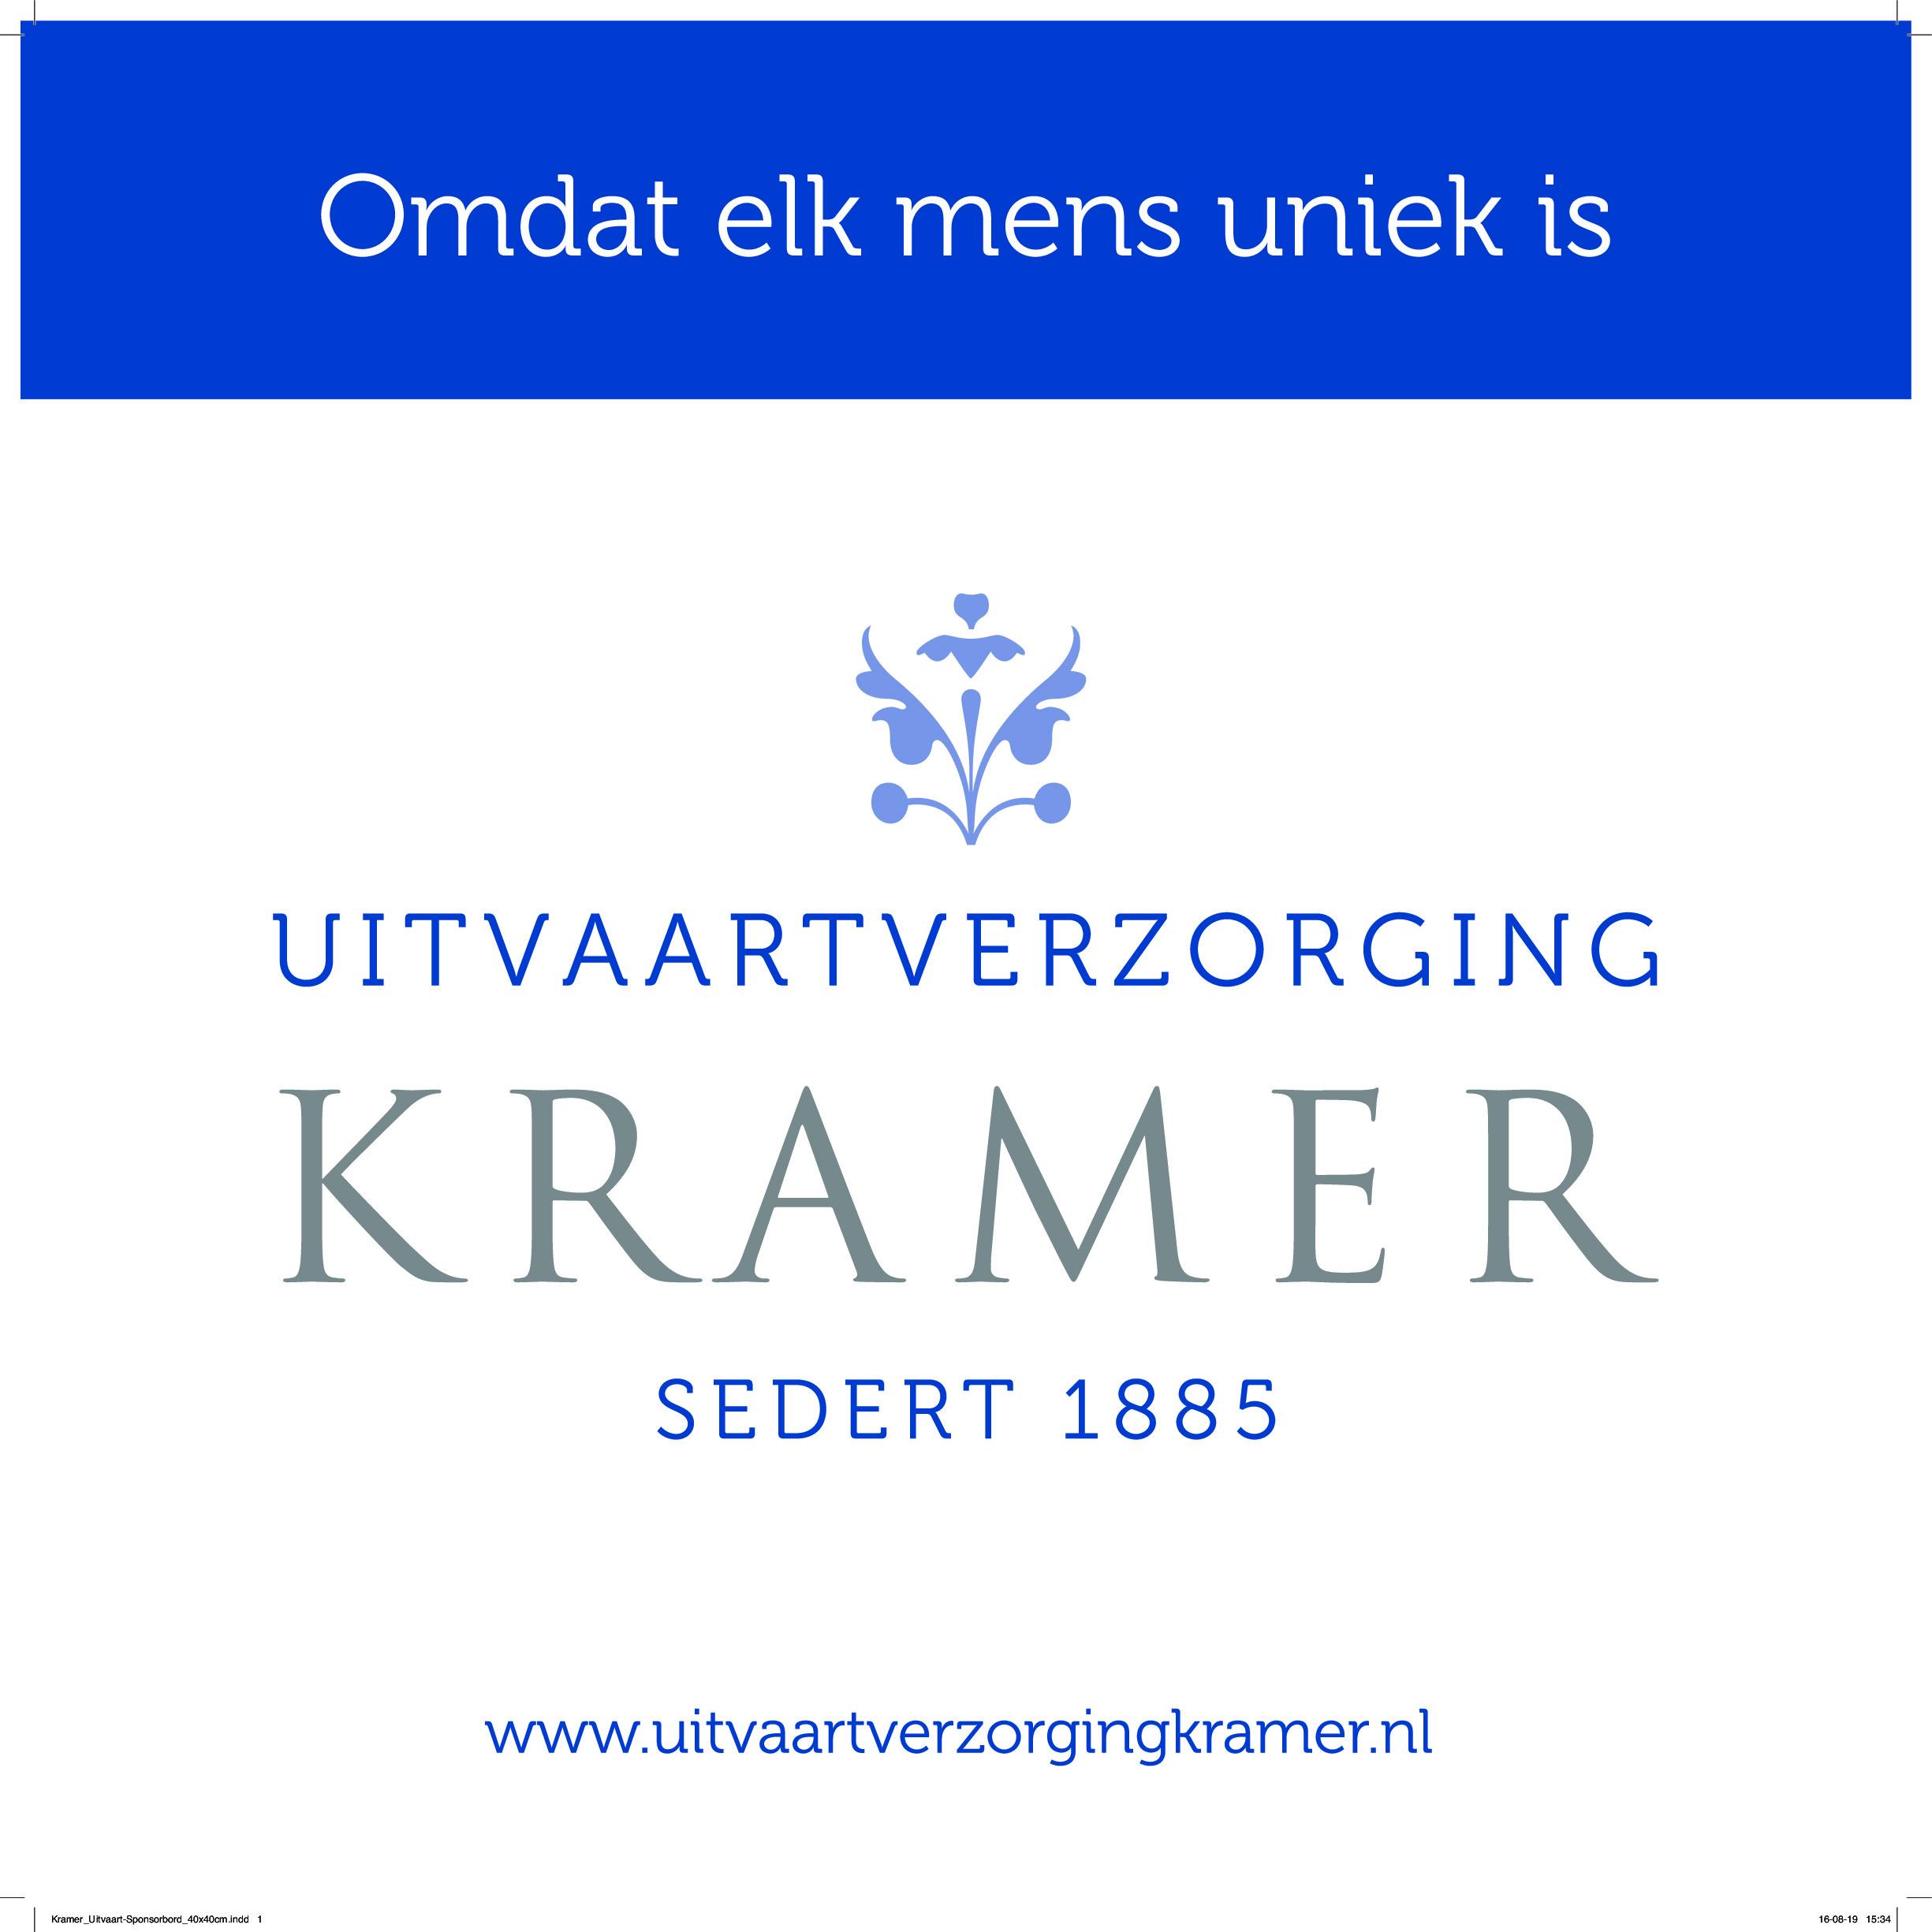 Uitvaartverzorging Kramer logo